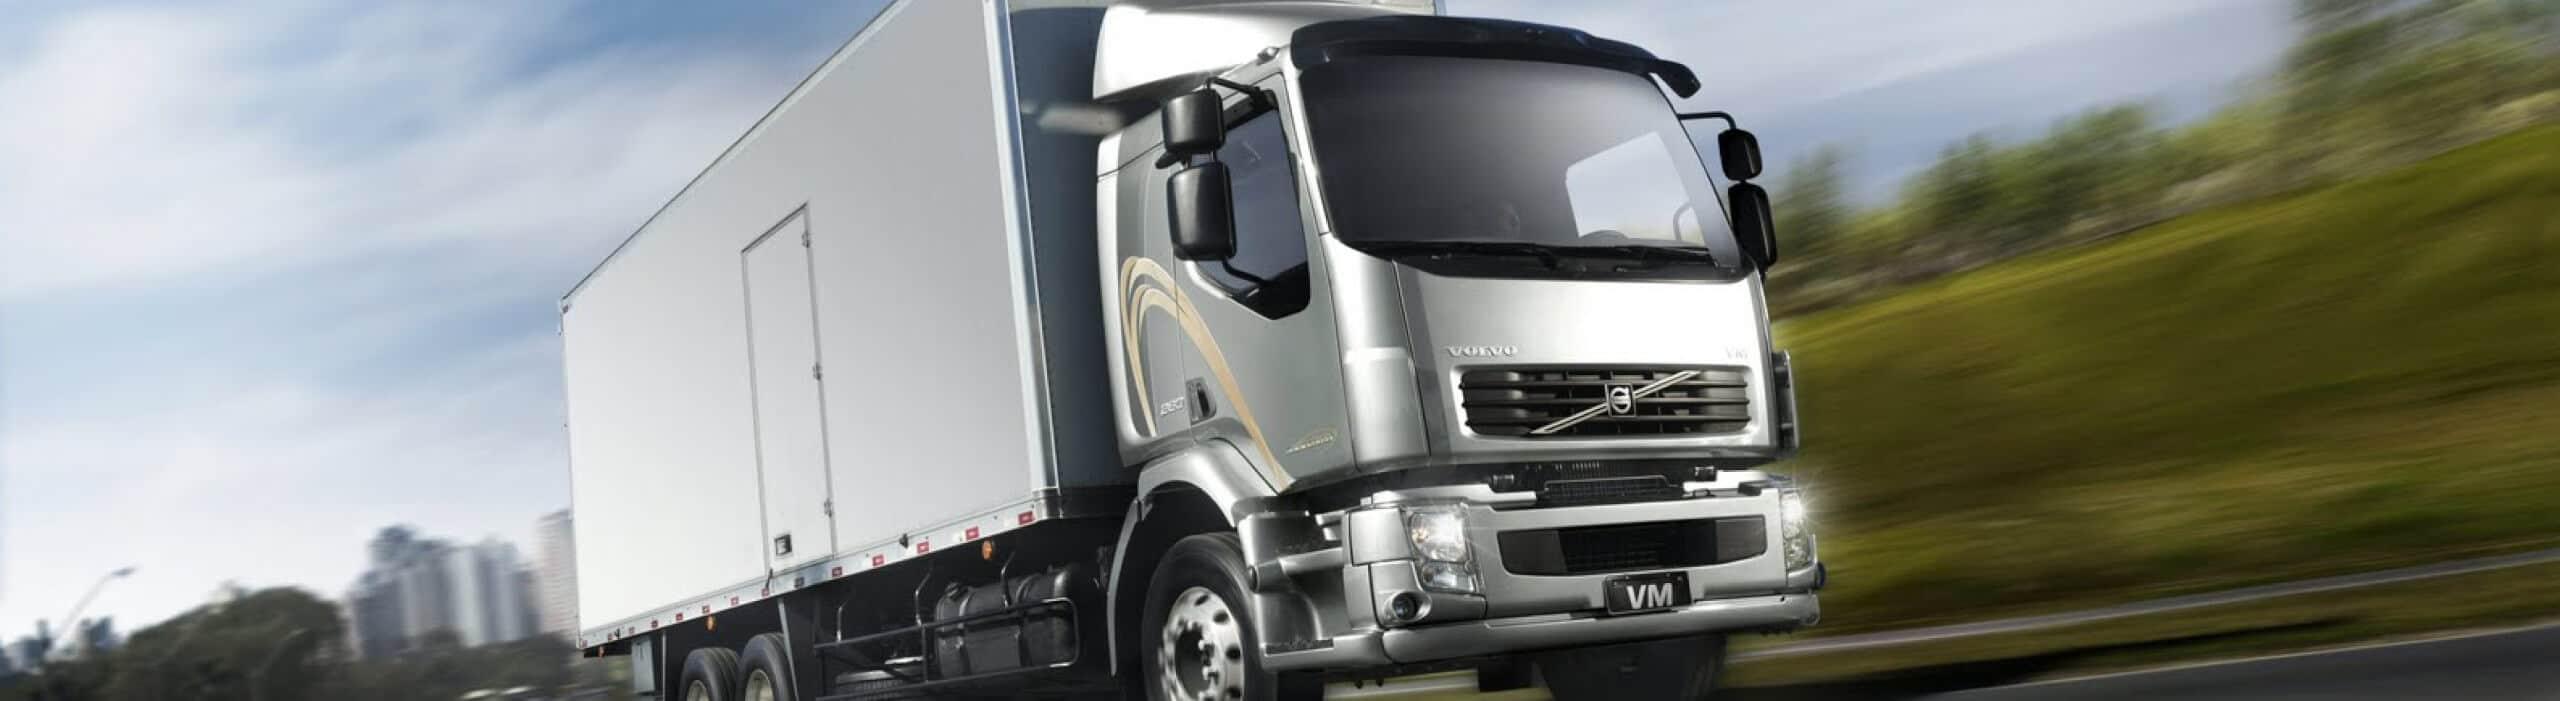 GB Truck